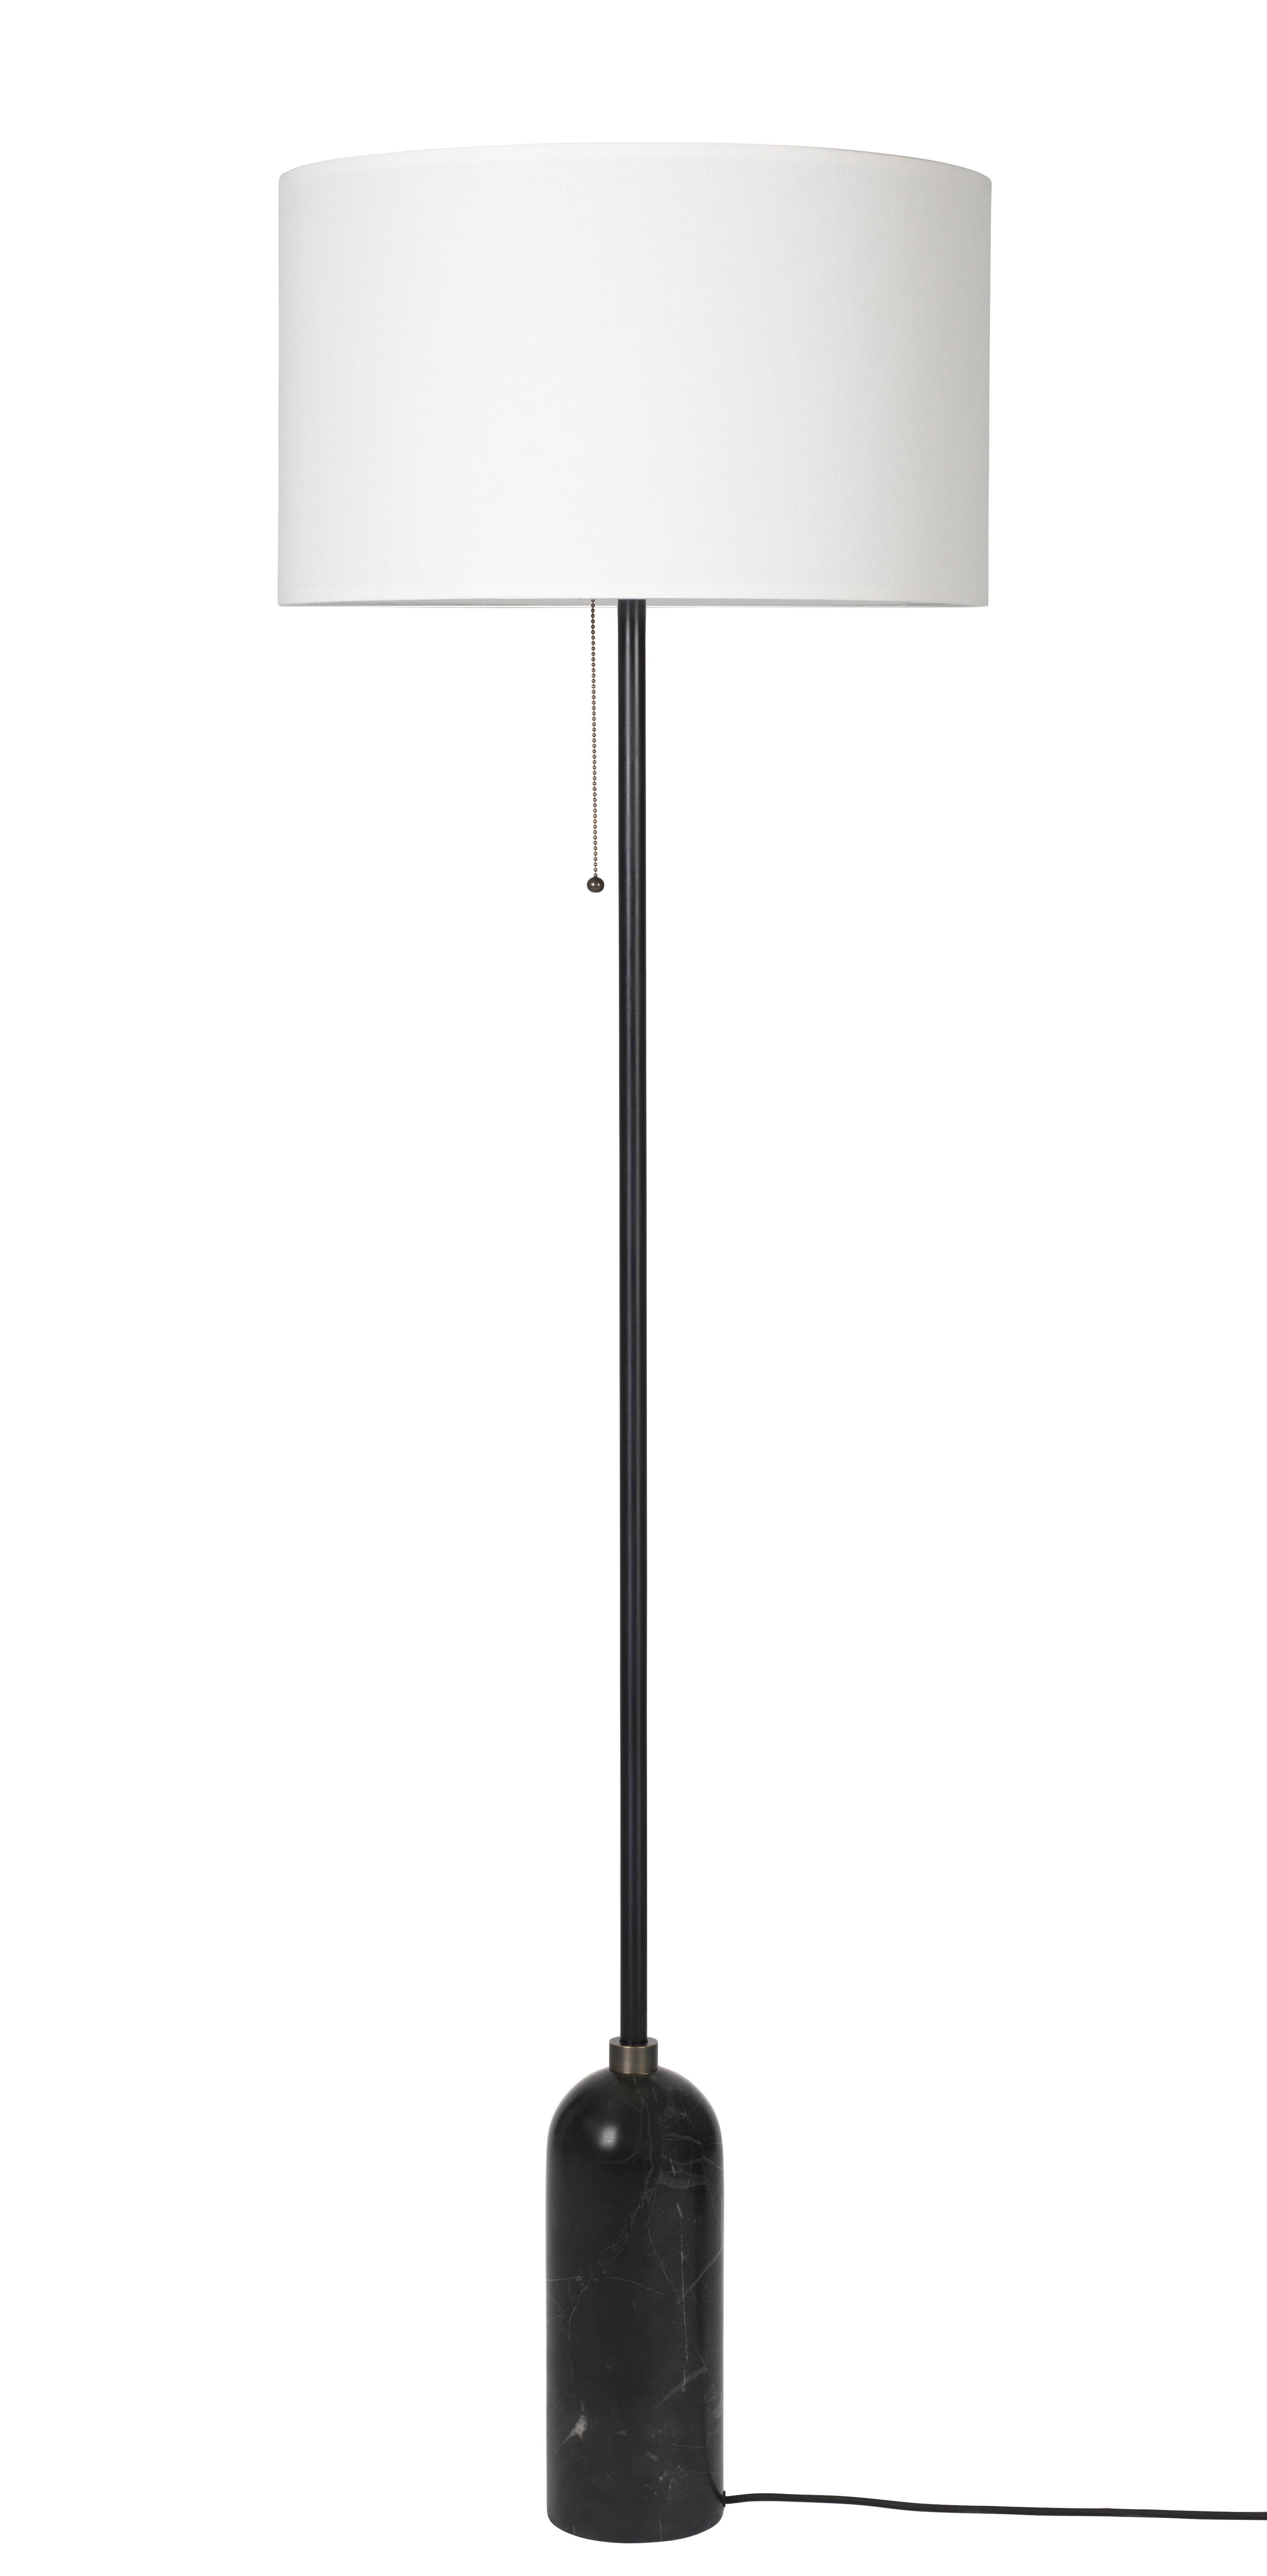 Illuminazione - Lampadari - Lampada a stelo Gravity - / Con dimmer - Ø 50 x H 169 cm di Gubi - Marmo nero / Paralume bianco - Marmo, Tessuto